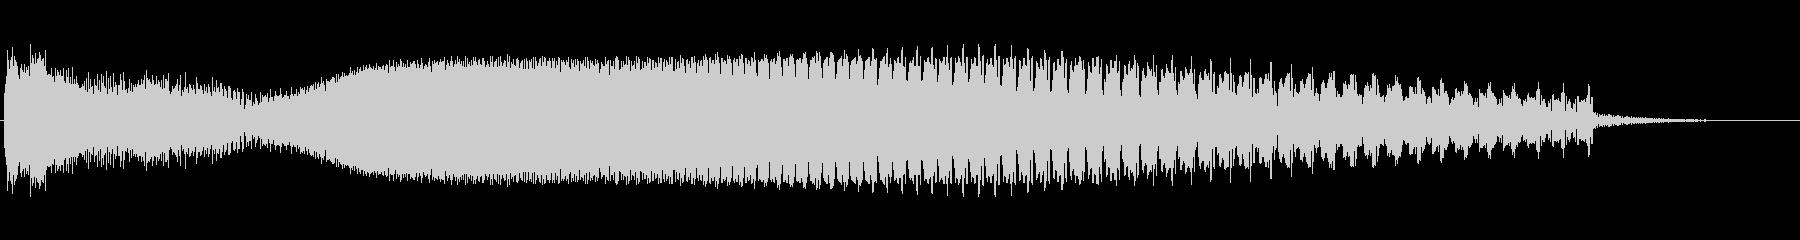 ロングサイバートーンスイープオフ4の未再生の波形